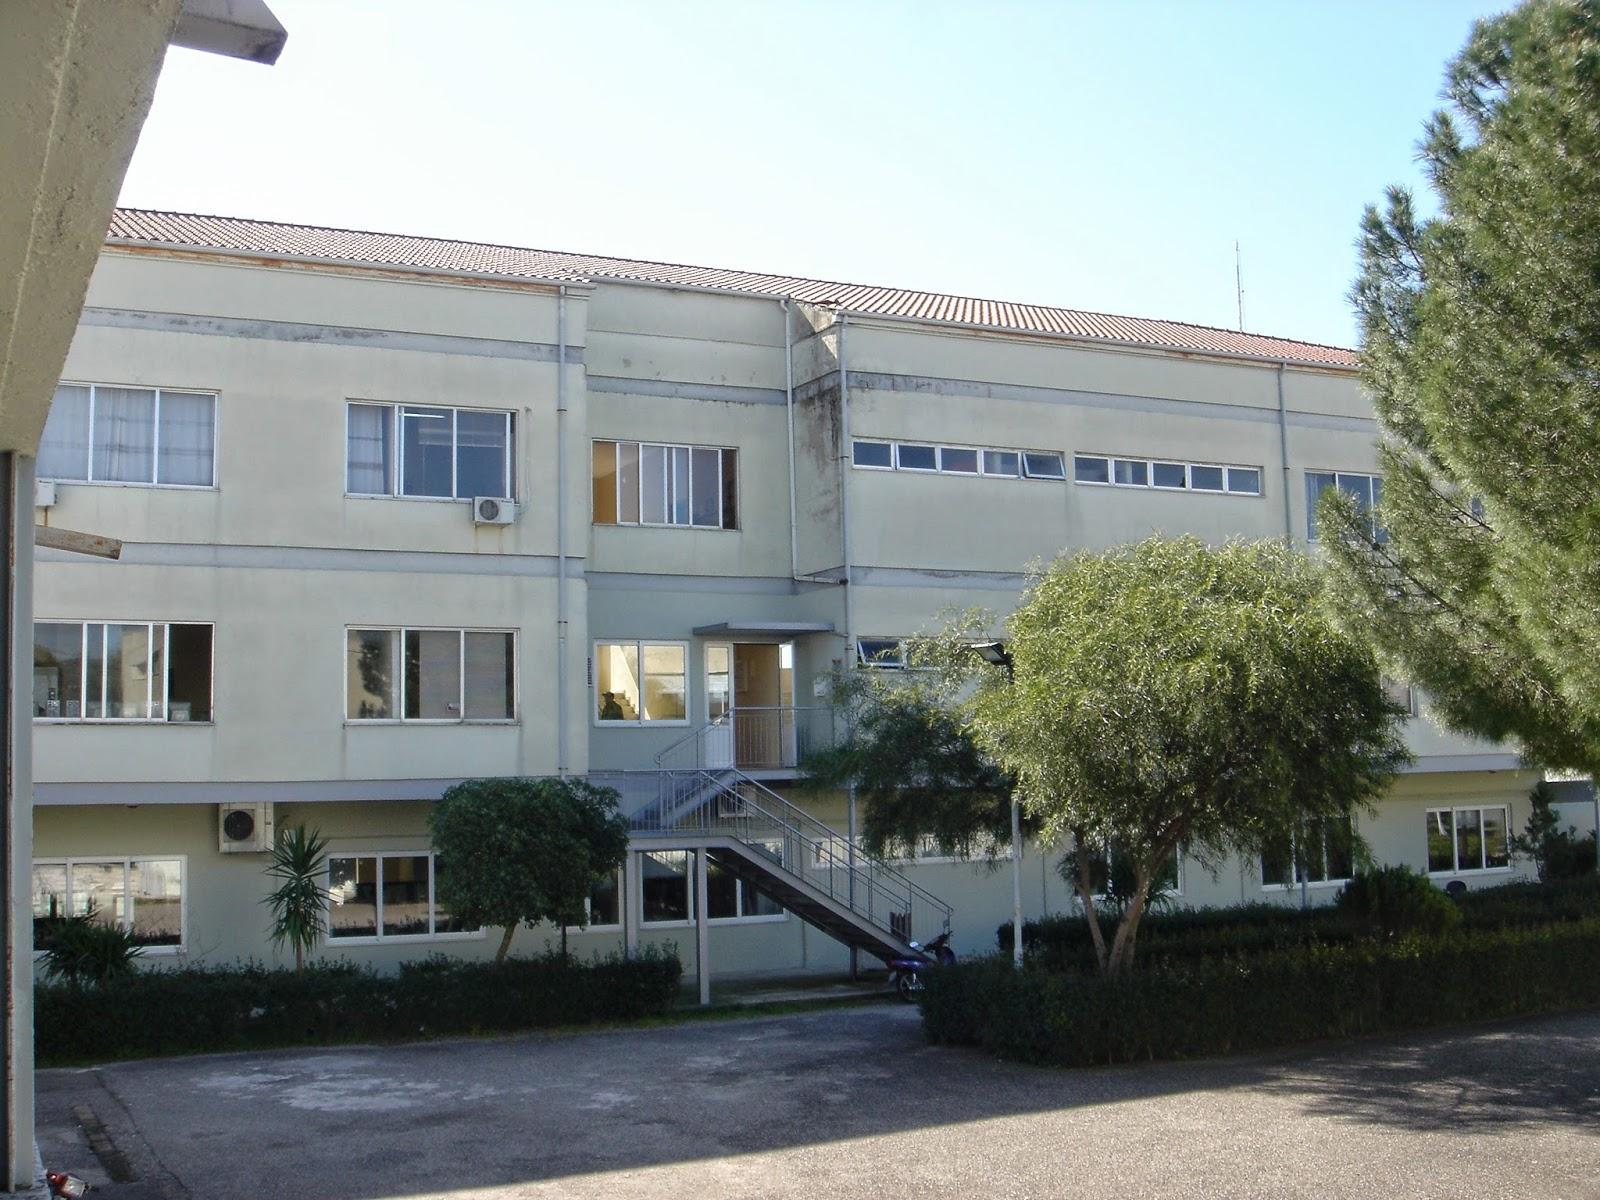 Συνεχίζονται οι εγγραφές στην ΕΠΑΣ Μαθητείας Αγρινίου του ΟΑΕΔ σε επτά ειδικότητες υψηλής ζήτησης